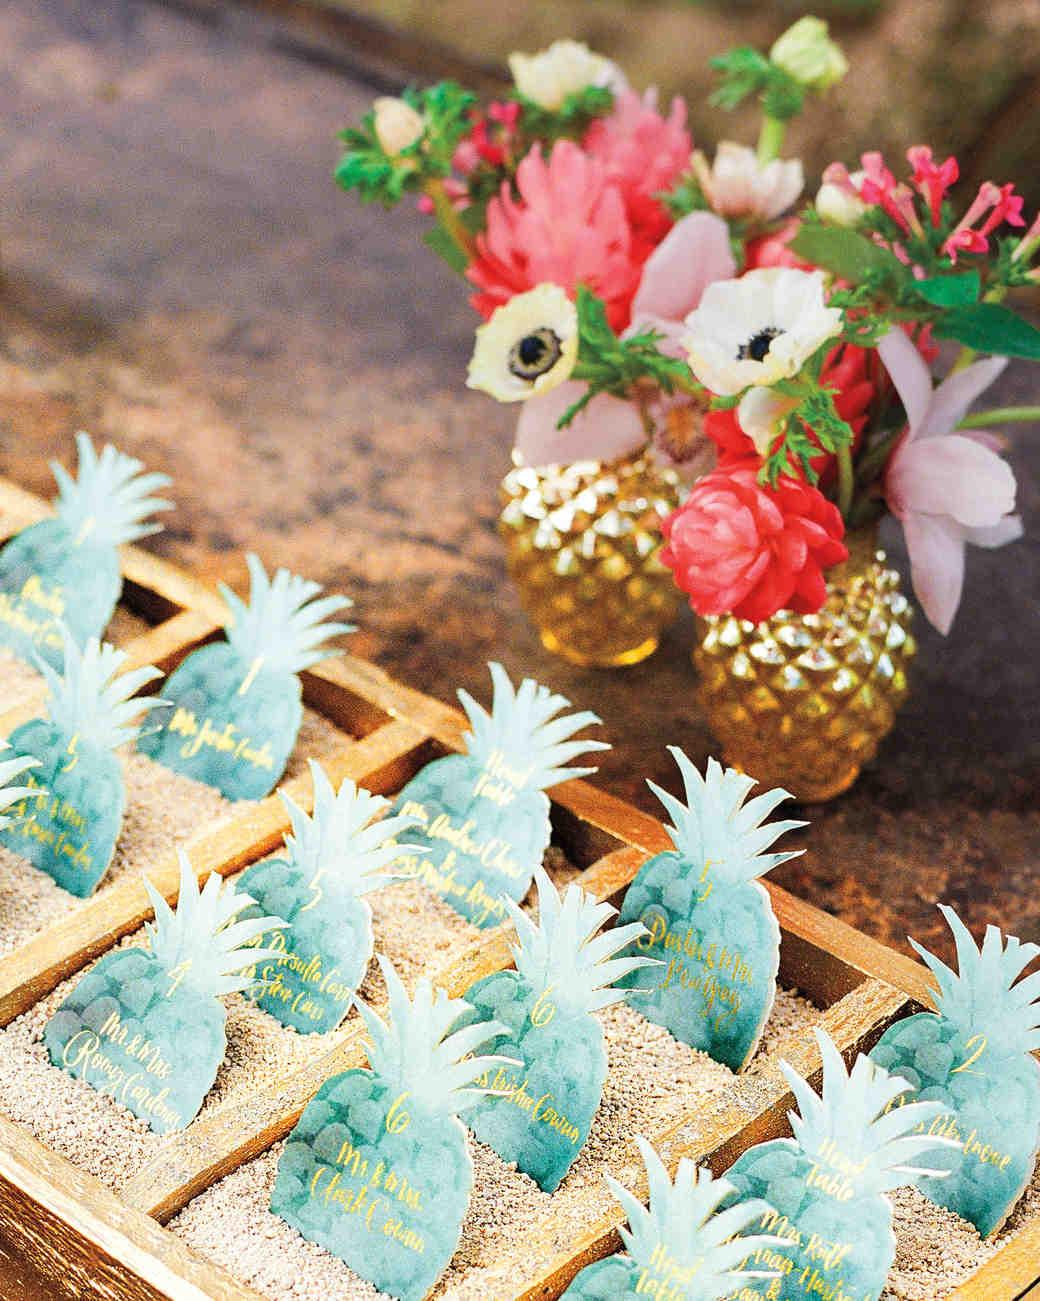 cha-de-panela-abacaxi-decoracao-07-min